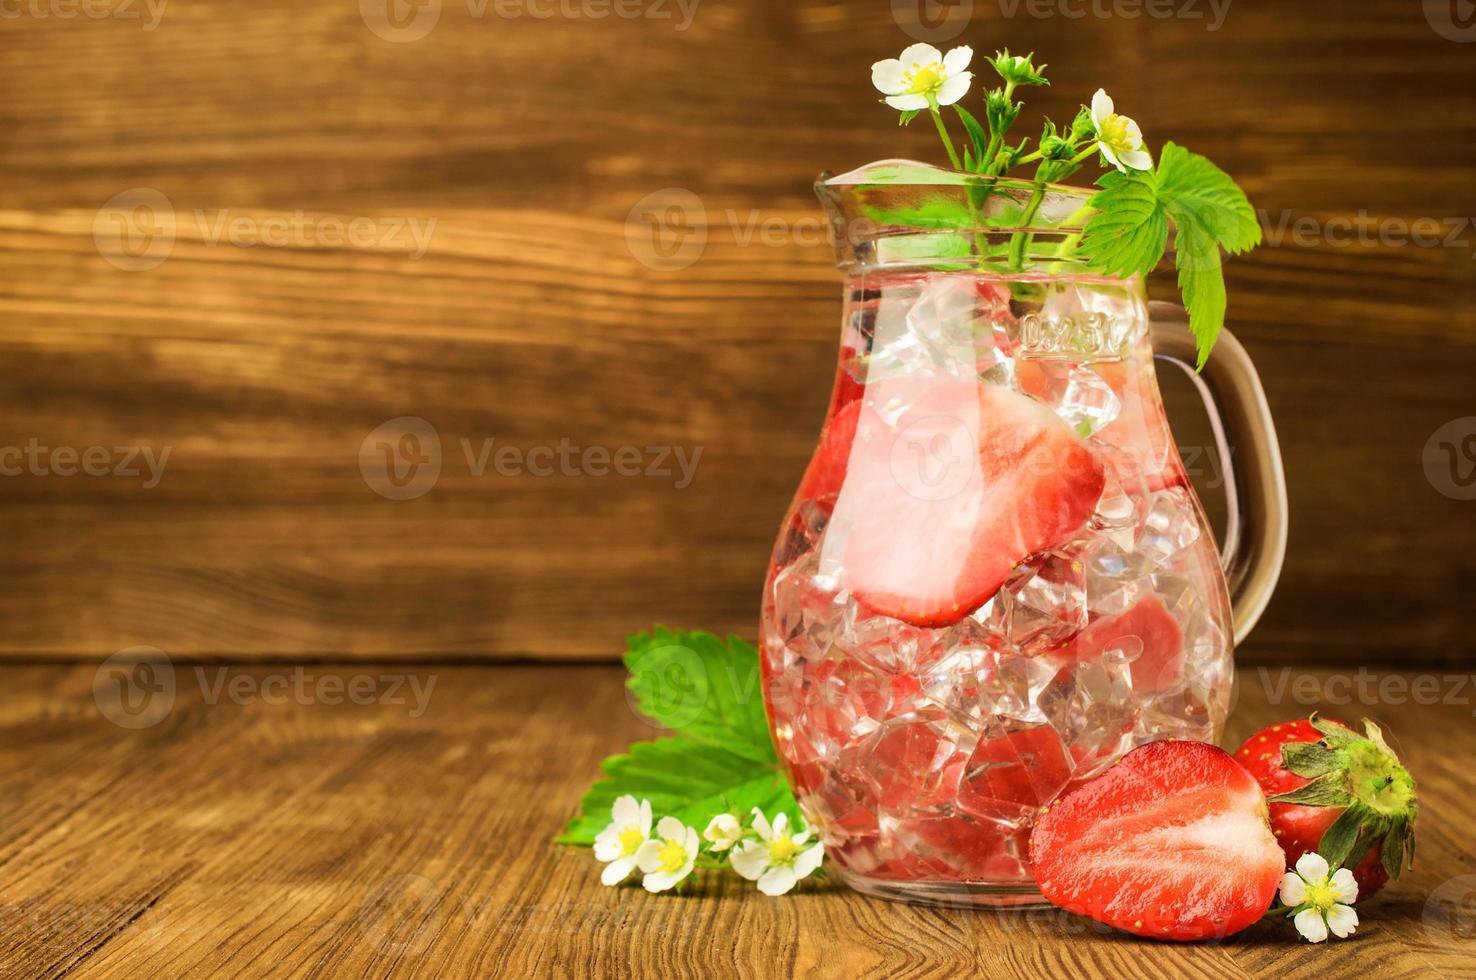 bevanda rinfrescante con una fragola foto